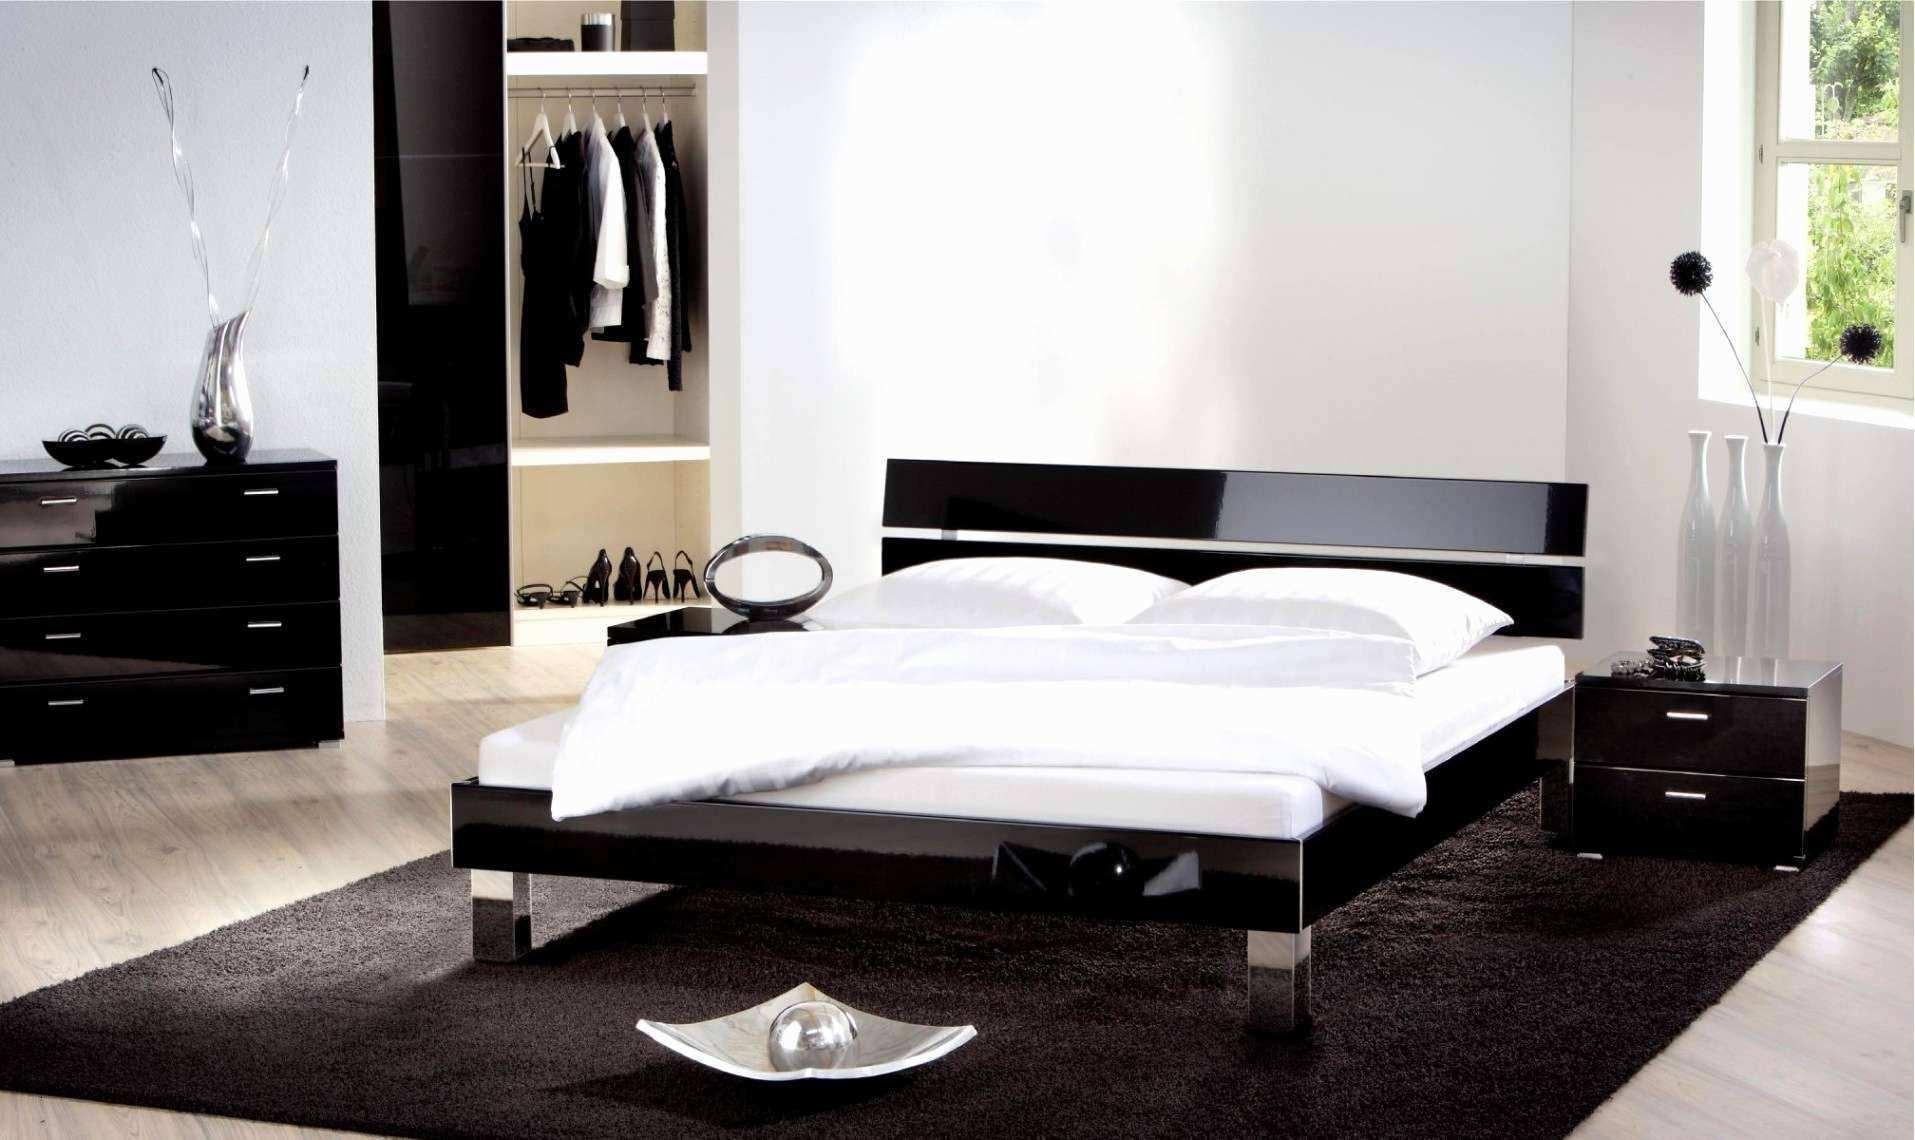 regal 70 cm breit neu luxus deko ideen diy attraktiv regal schlafzimmer 0d of regal 70 cm breit